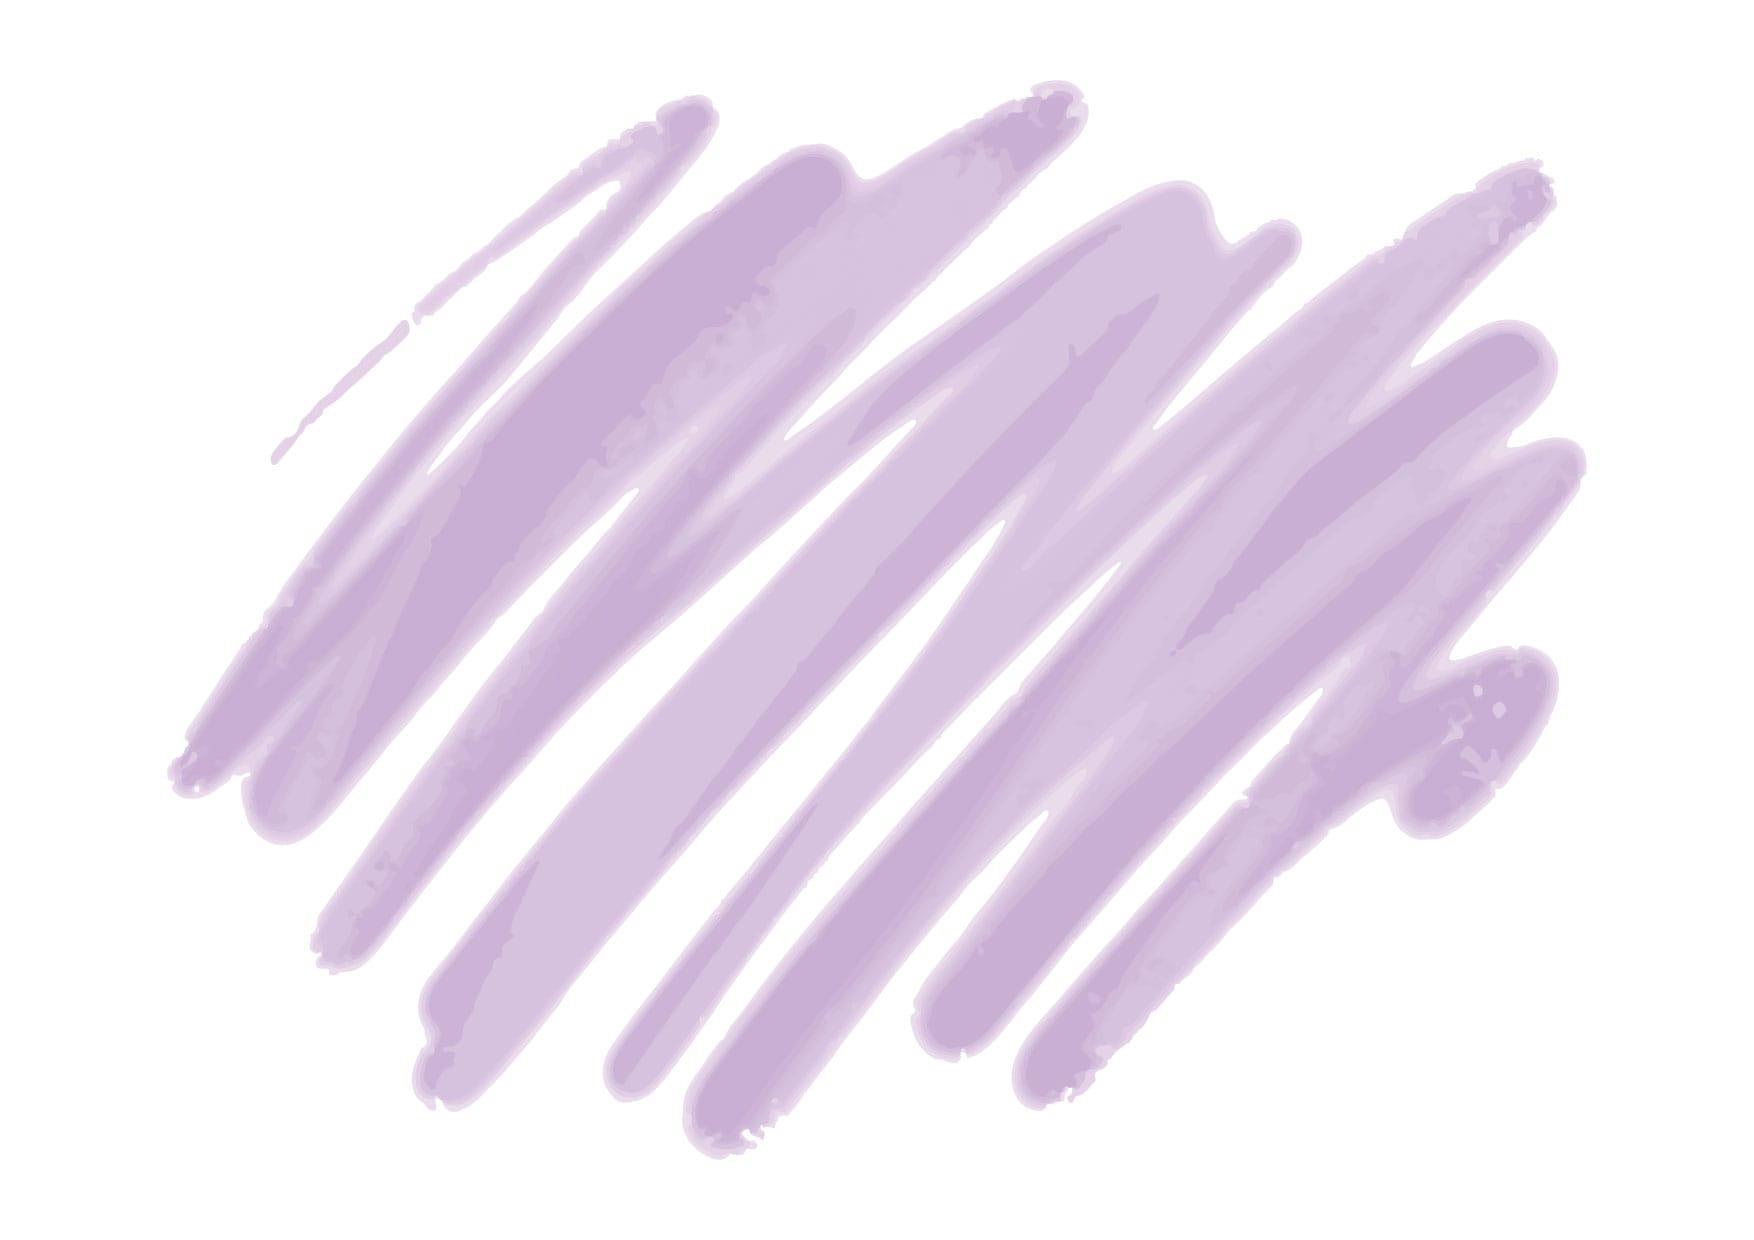 可愛いイラスト無料|水彩 落書き 背景 紫色 − free illustration Watercolor graffiti background purple